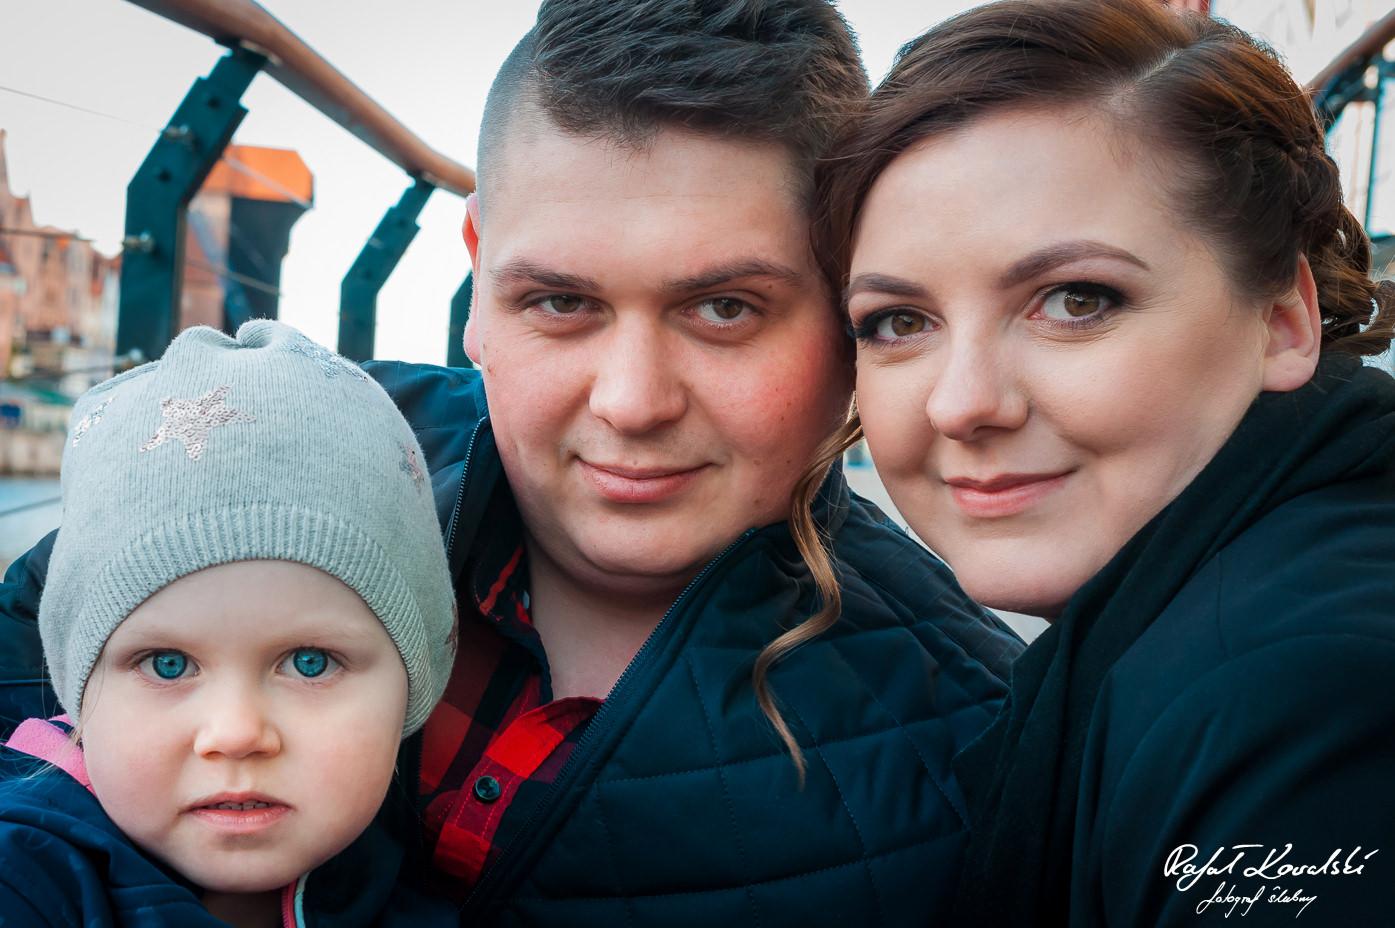 na piamiętkowej fotografii z sesji narzeczeńskiej w Gdańsku widać dumnych rodziców i ich małą córeczkę